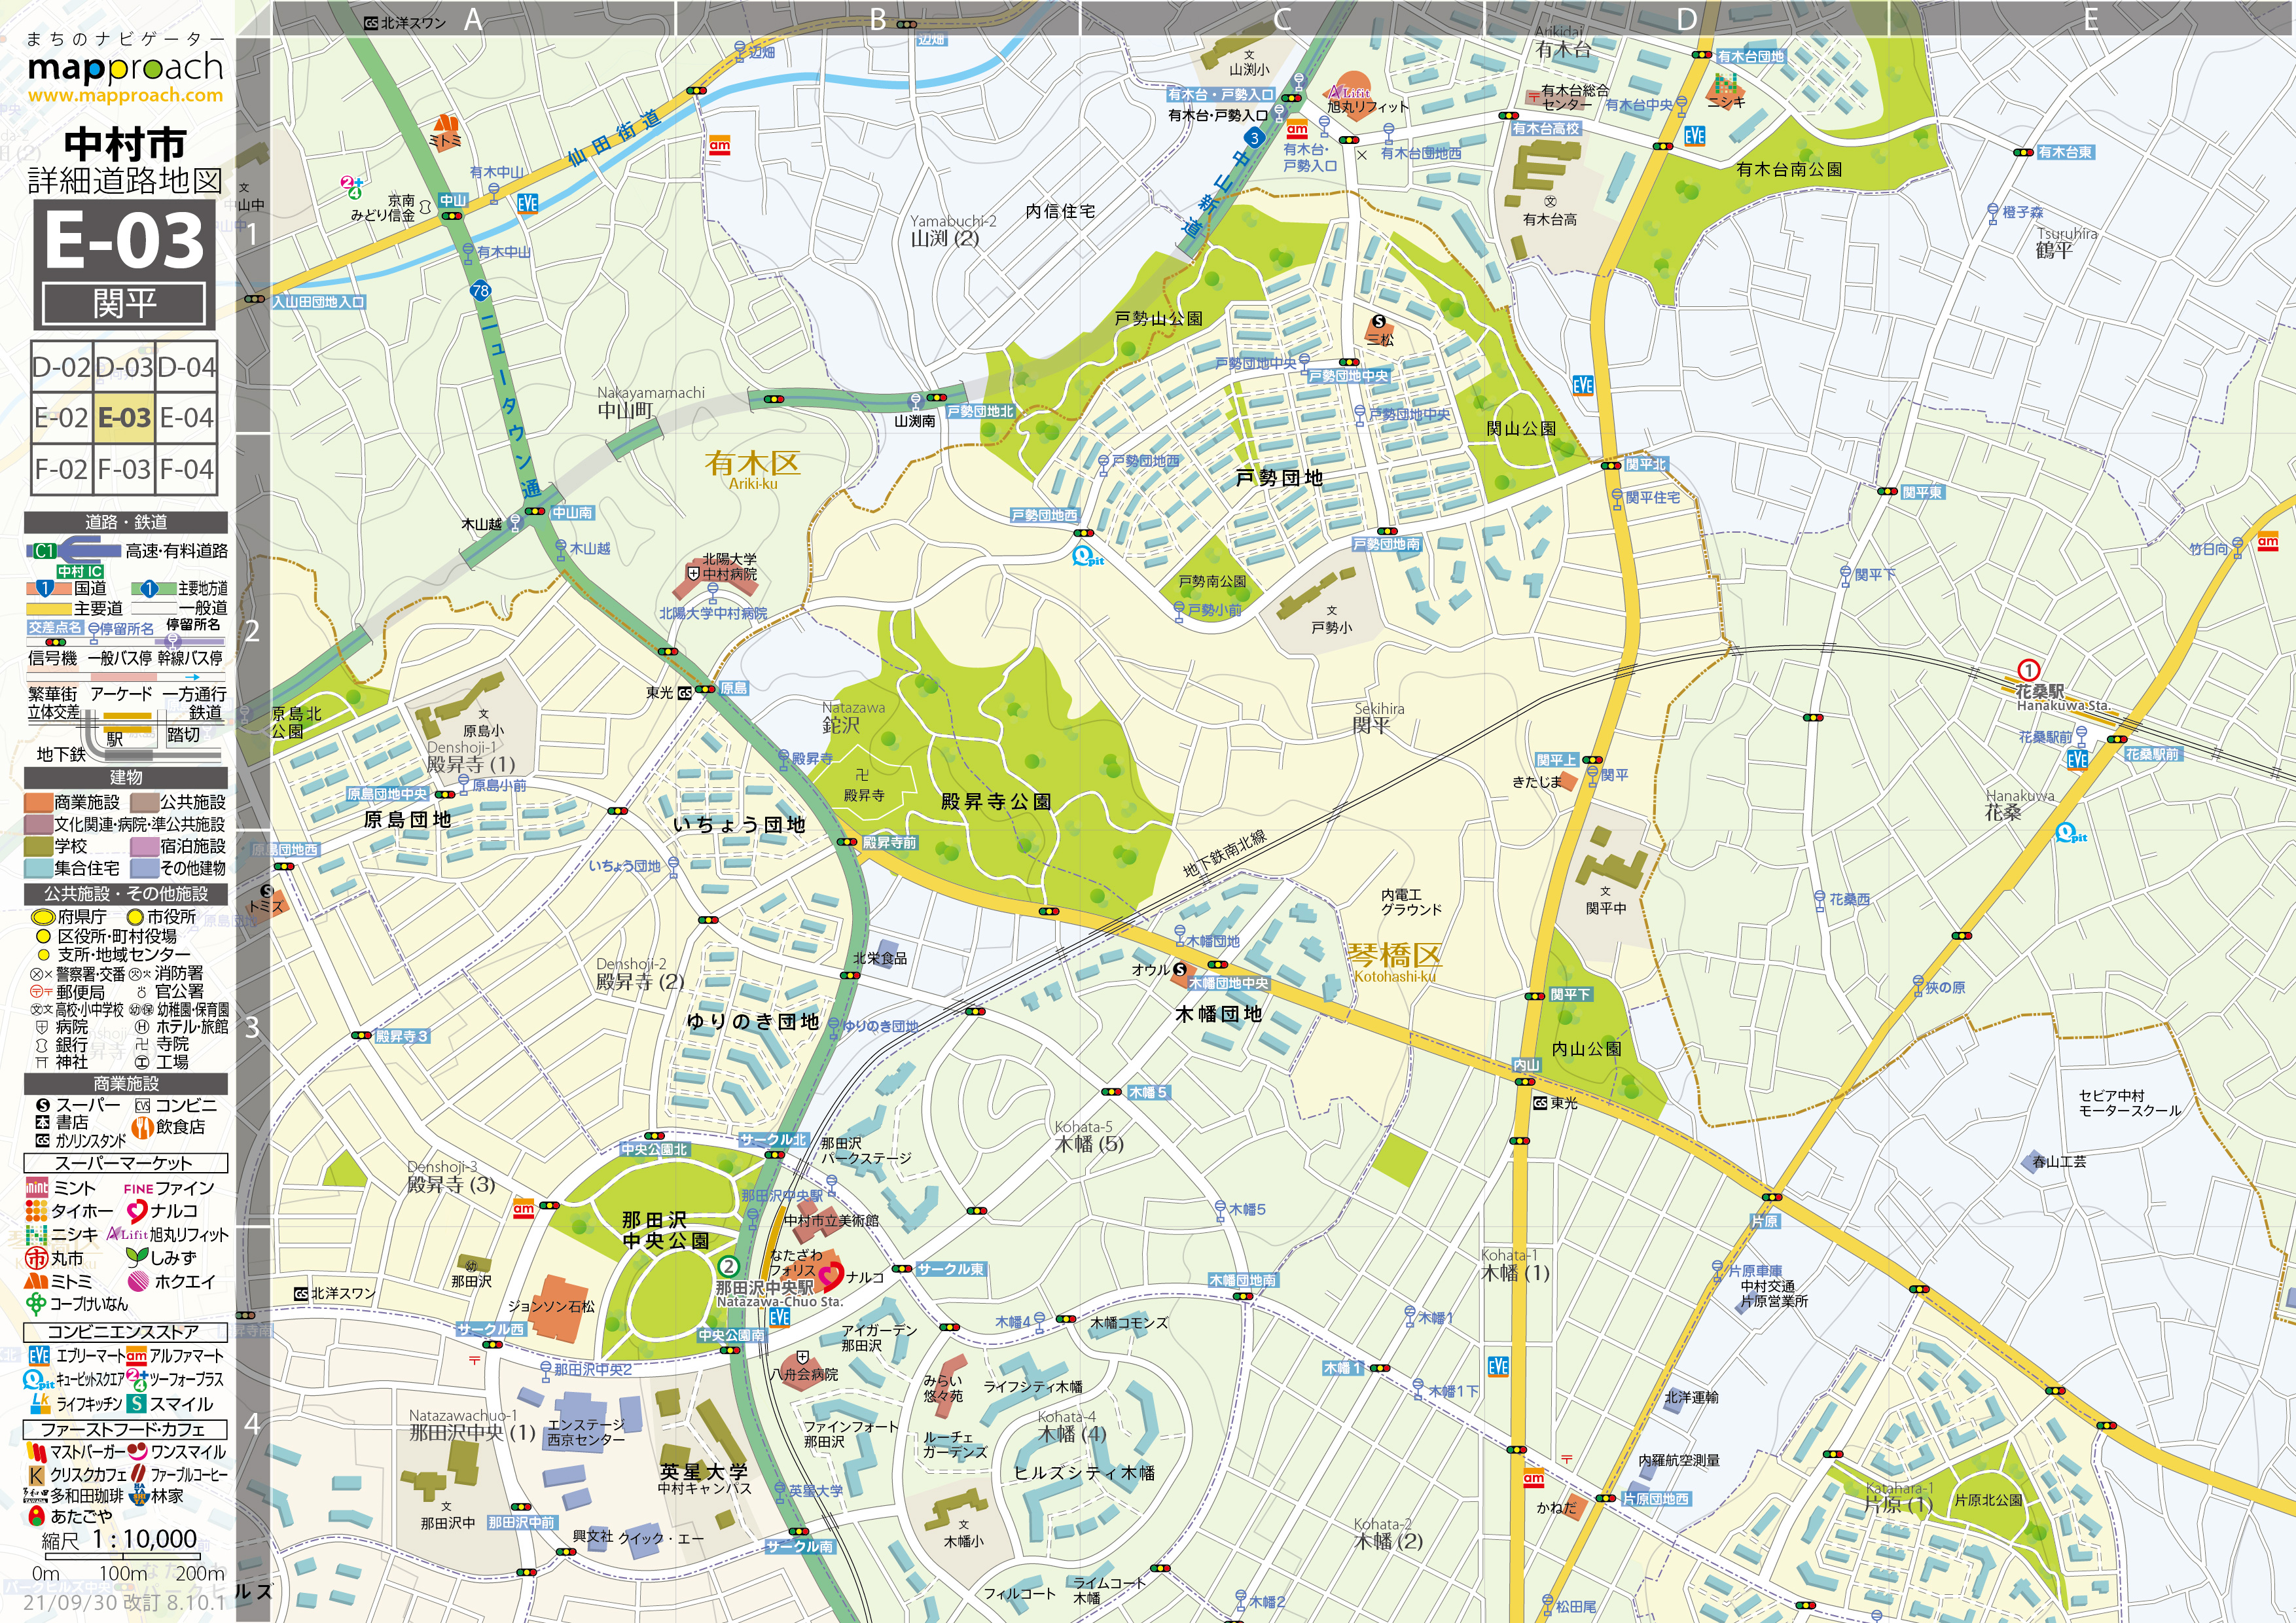 E-03 関平 地図拡大